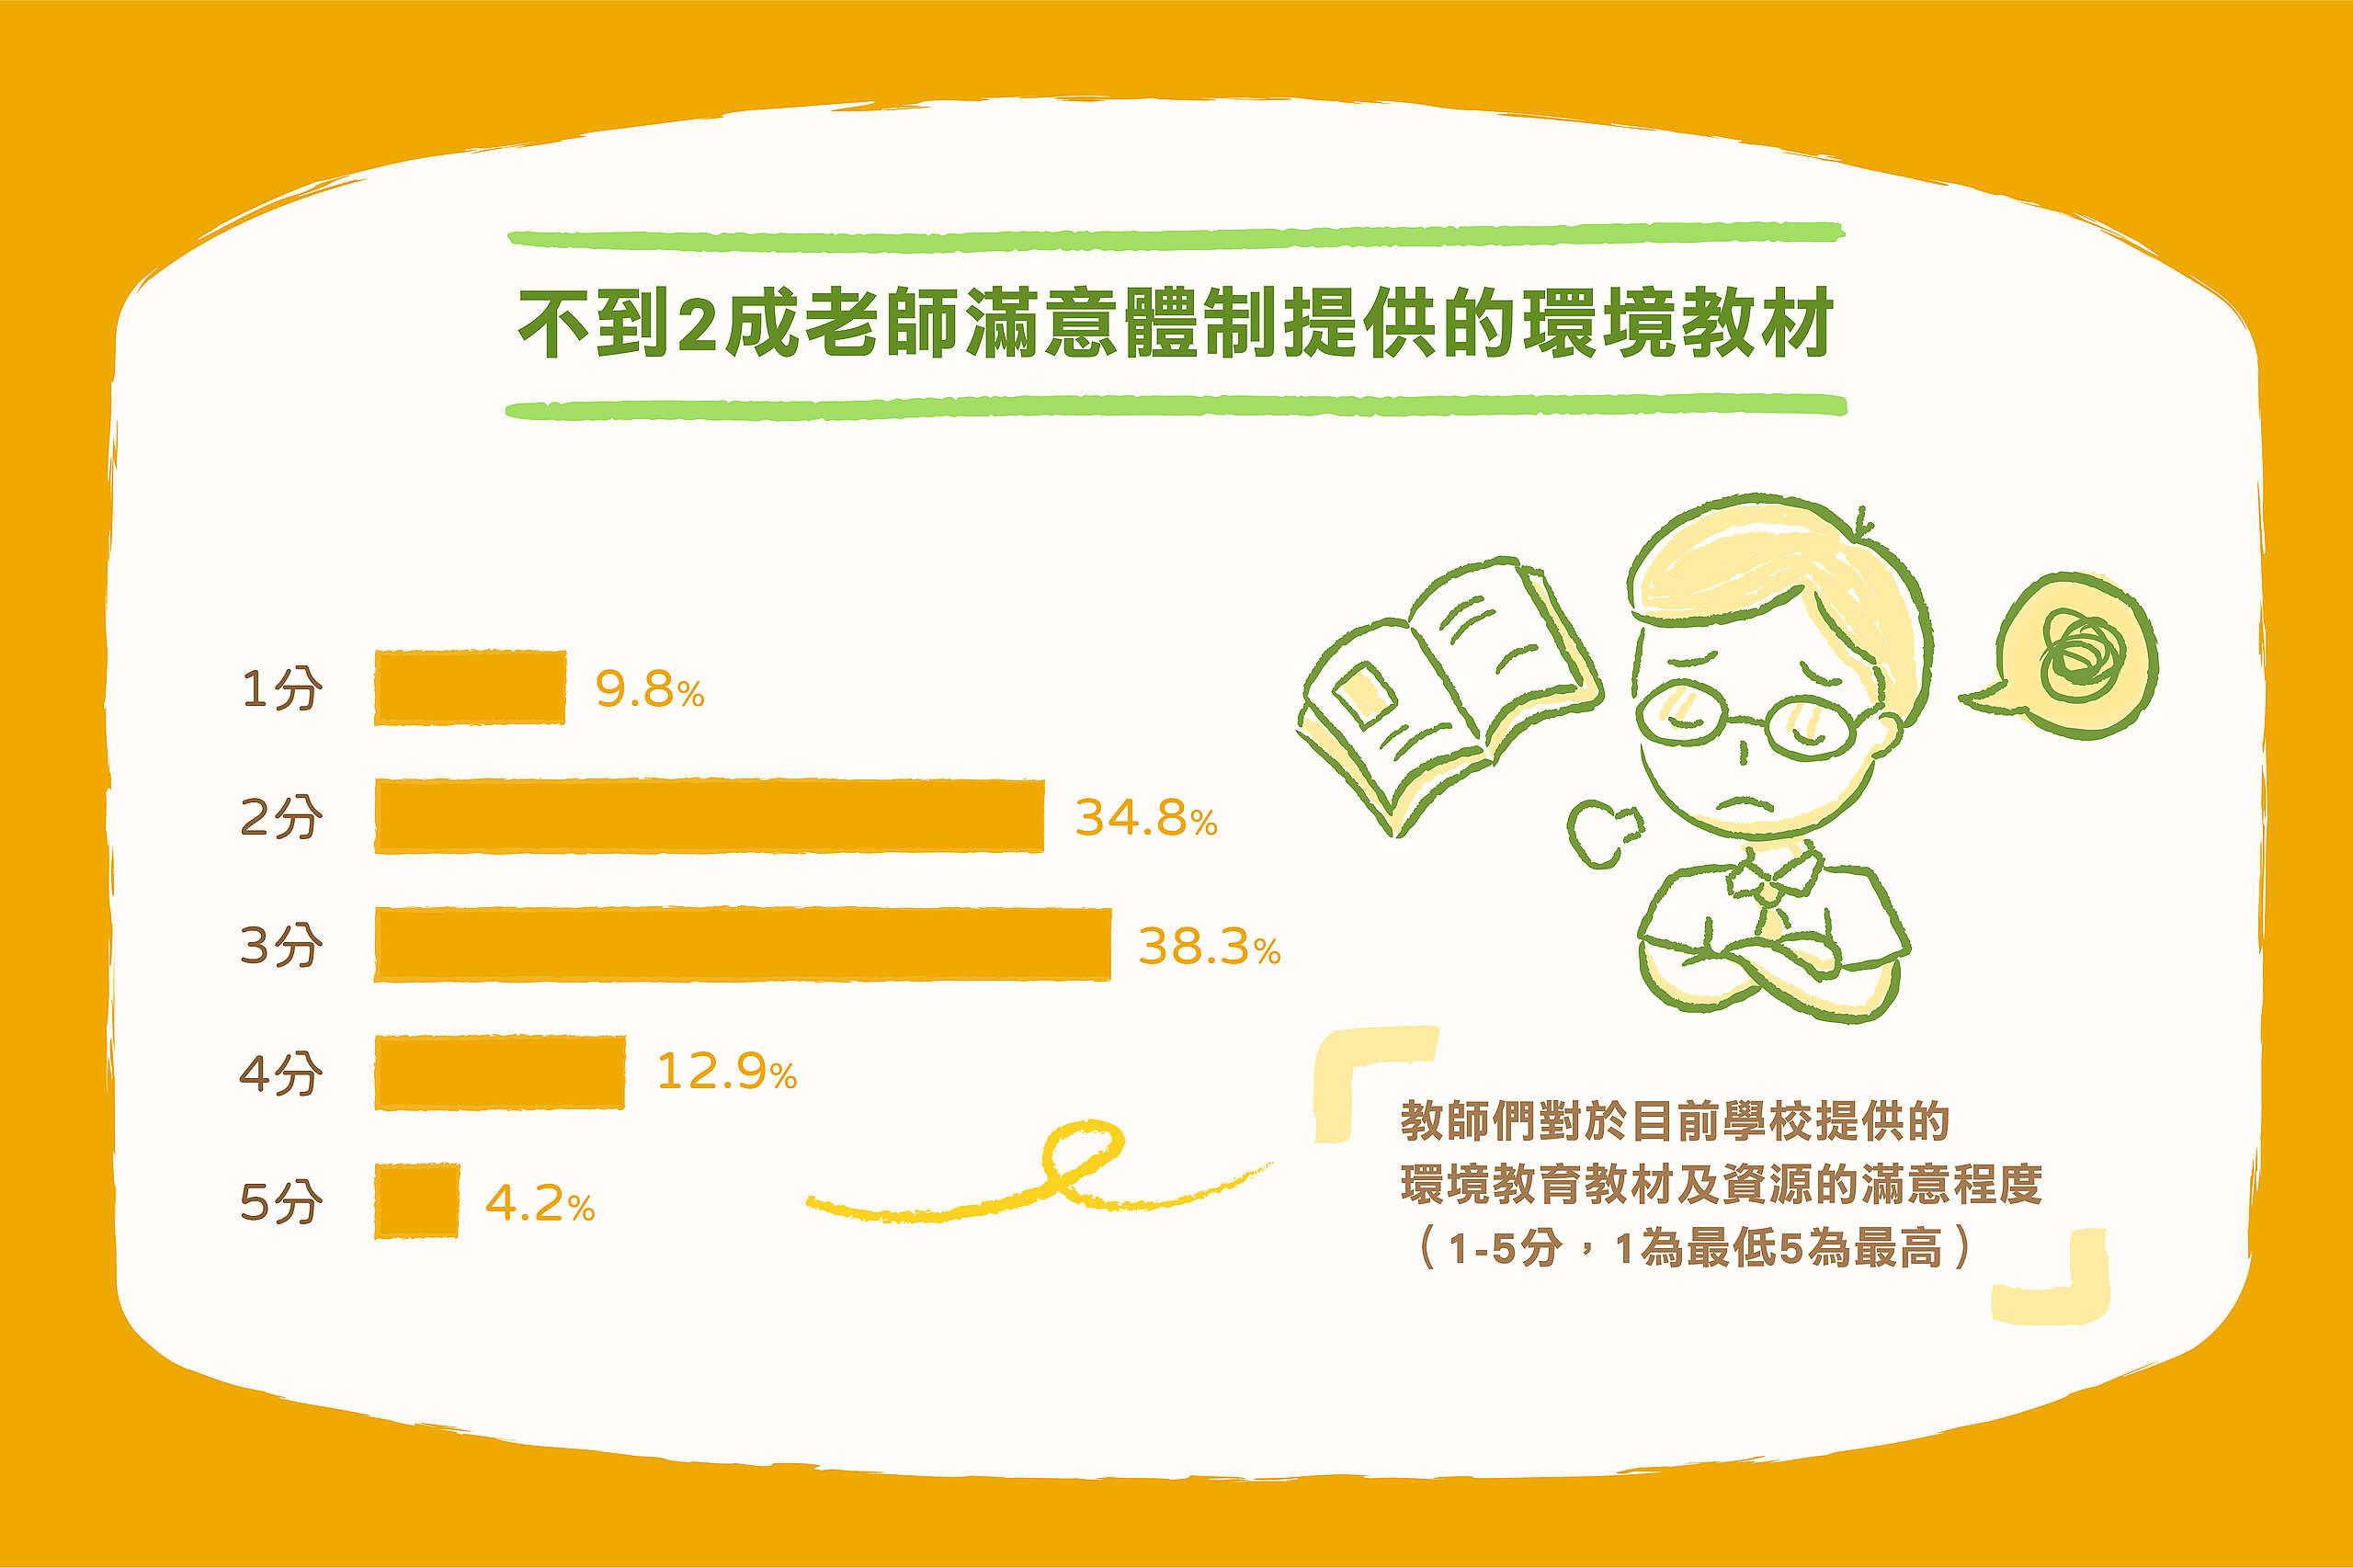 教師們對於目前學校提供的環境教育教材及資源的滿意程度,以1到5分評量,1為最低5為最高。